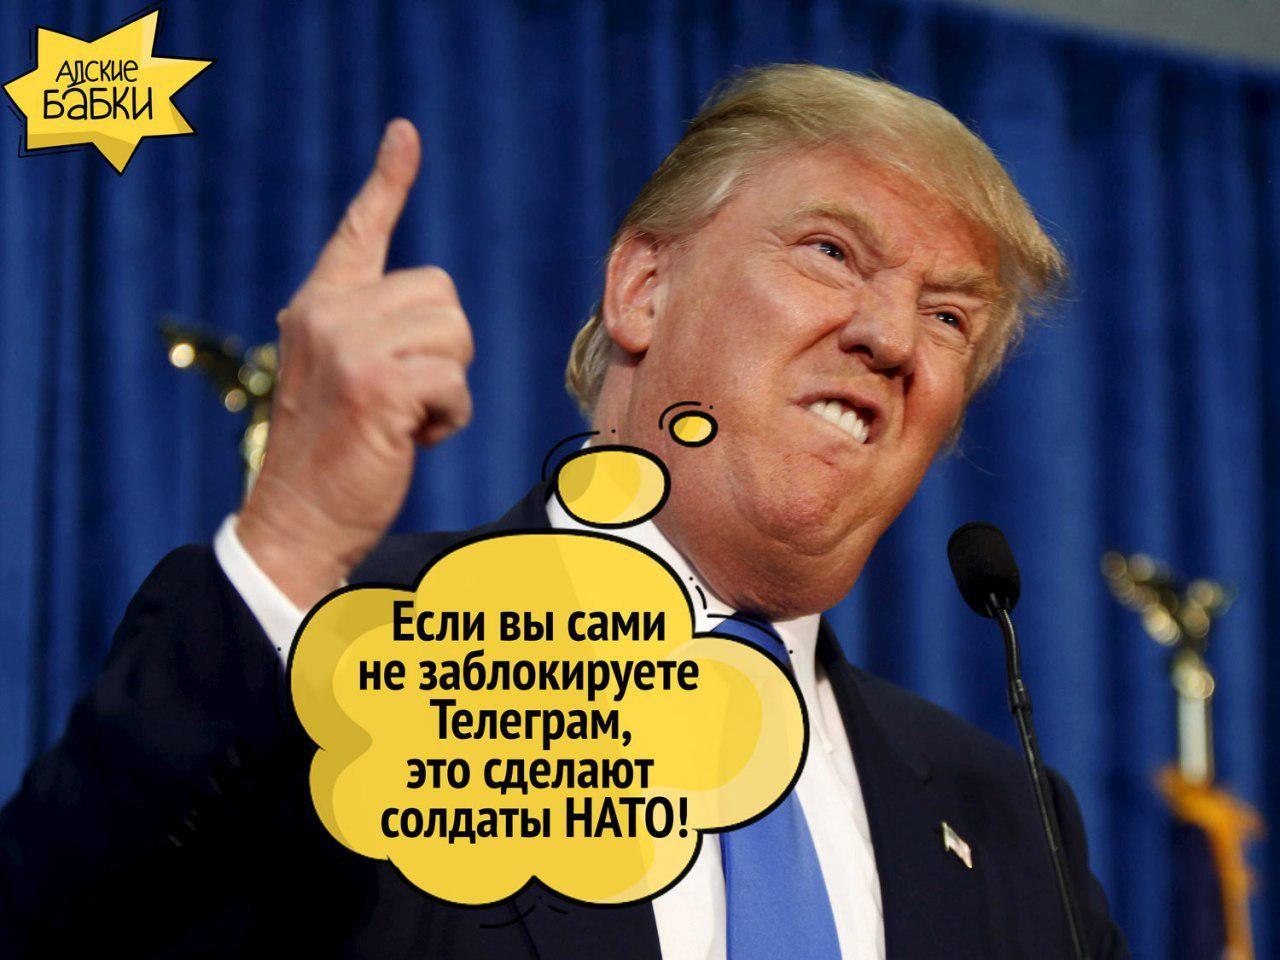 """Источник: Telegram-канал """"Адские бабки"""""""